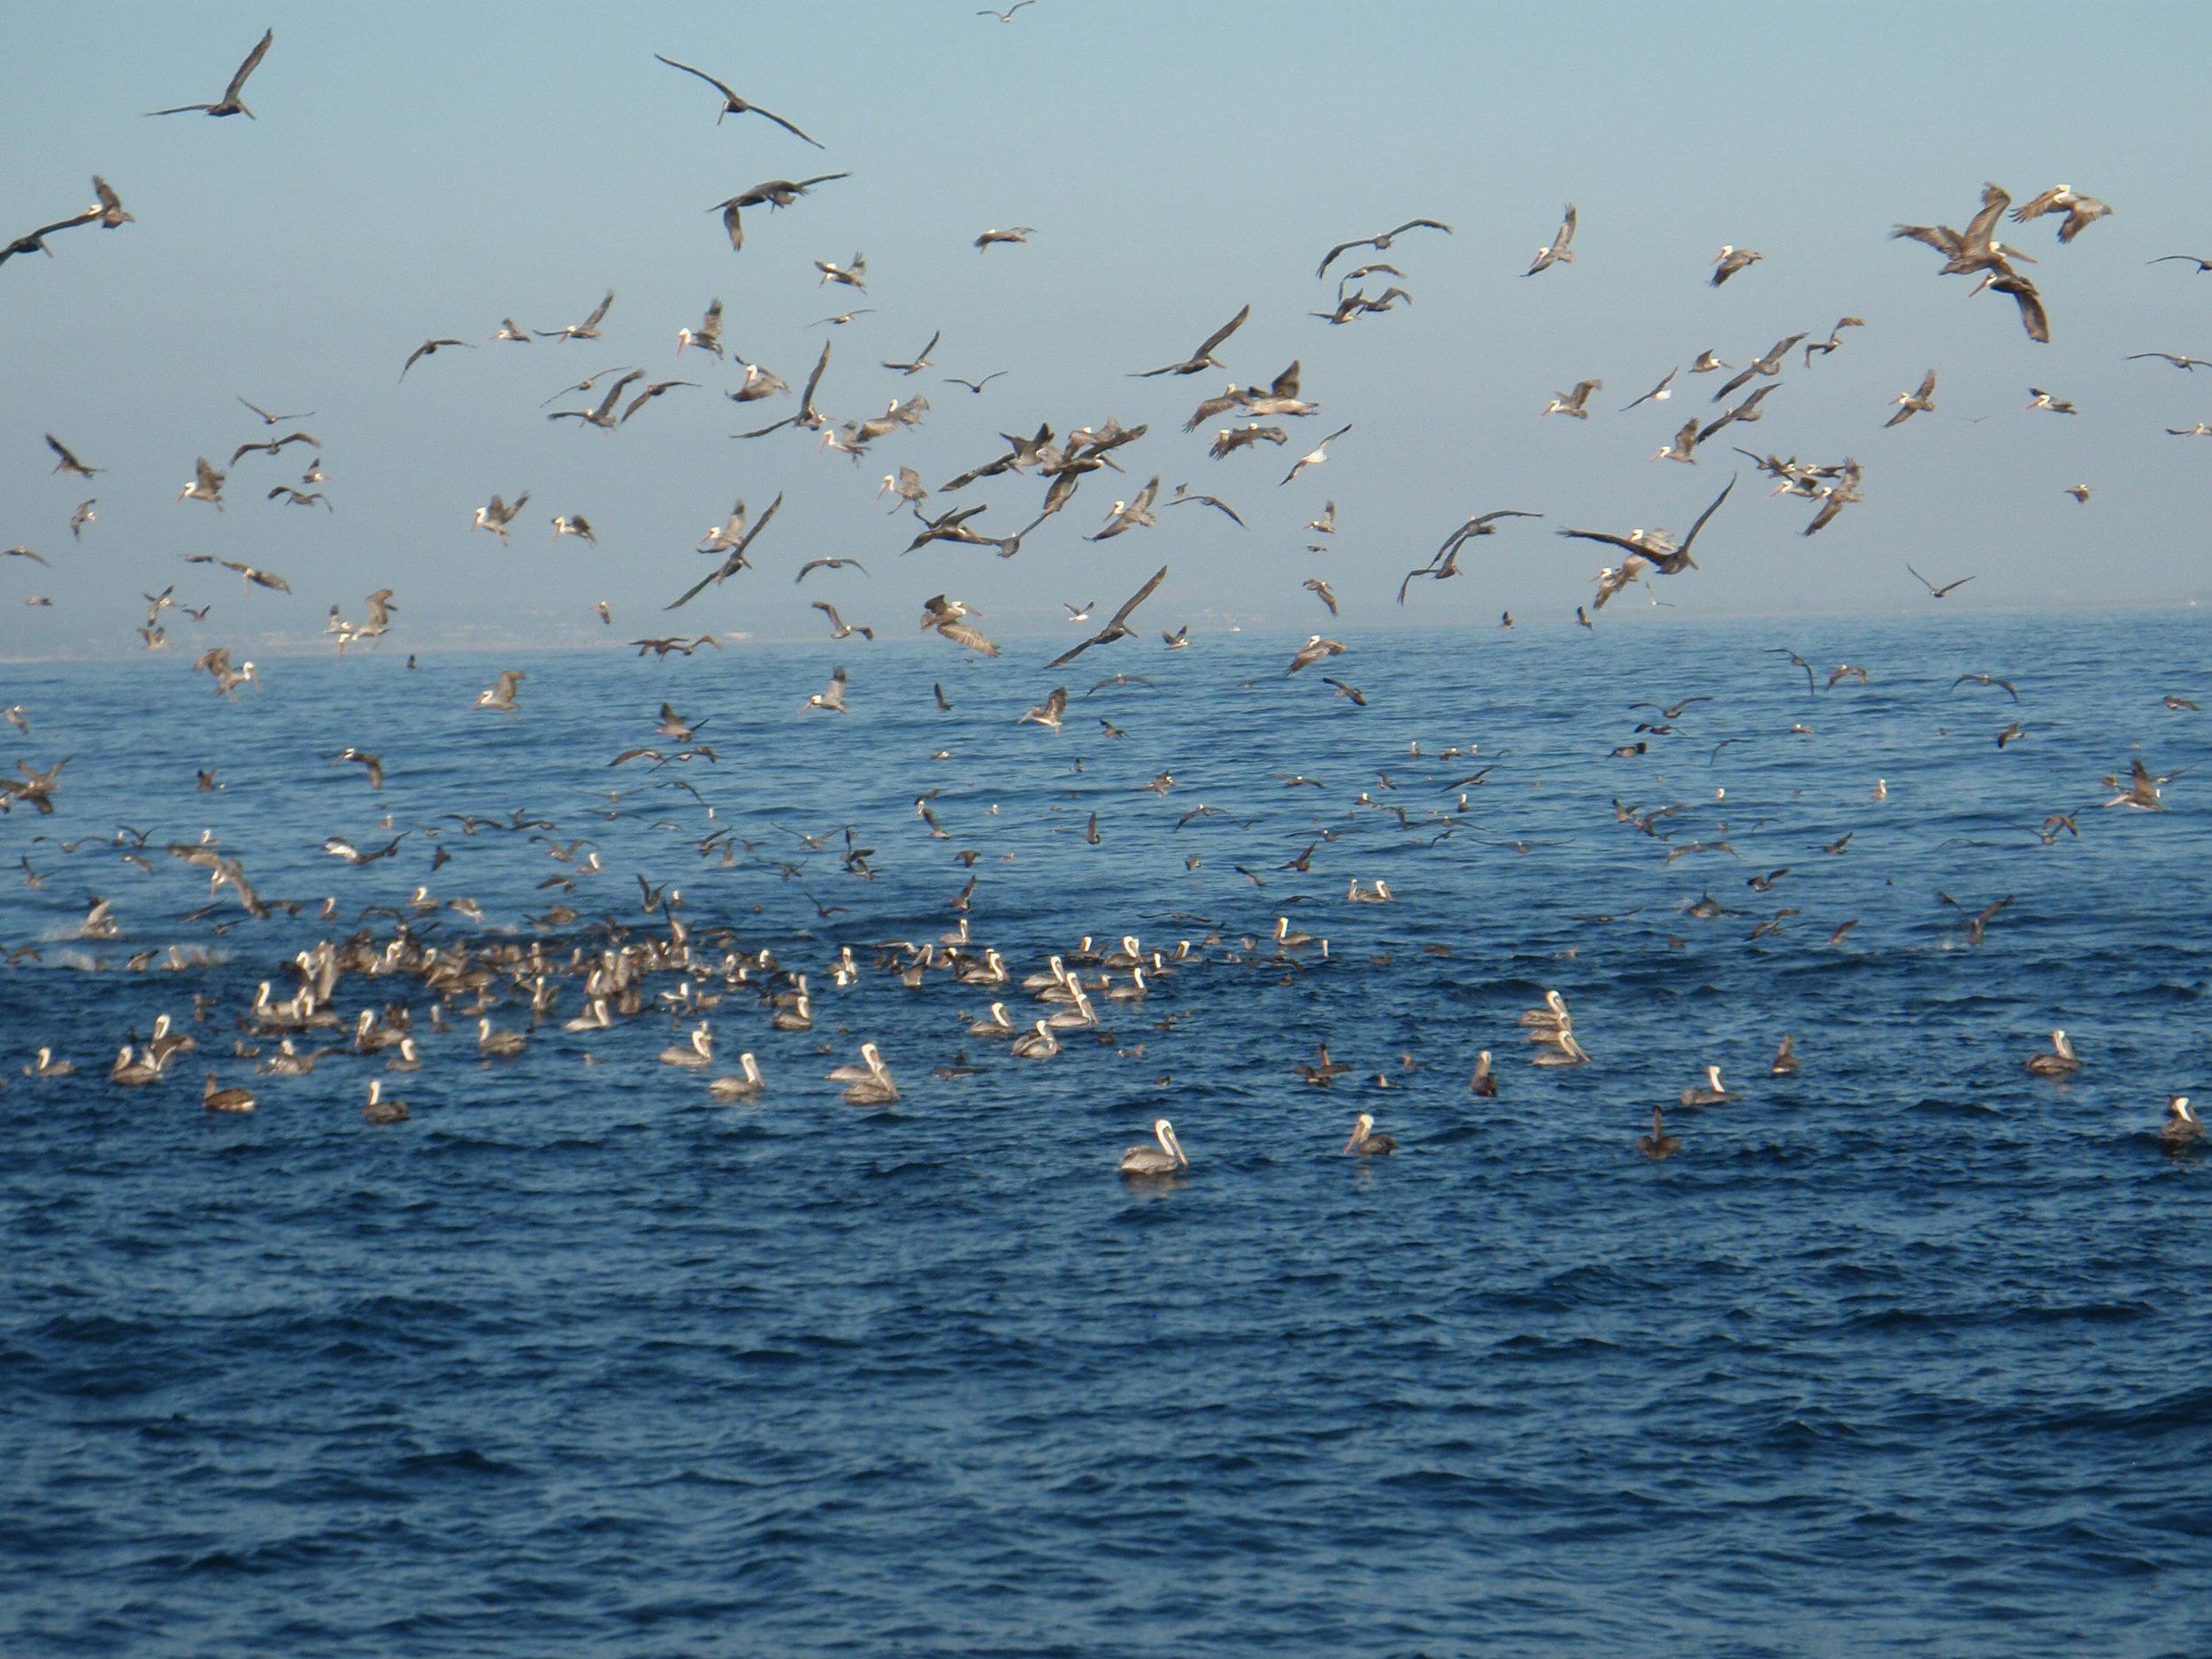 Feeding freenzy in the Santa Barbara Channel